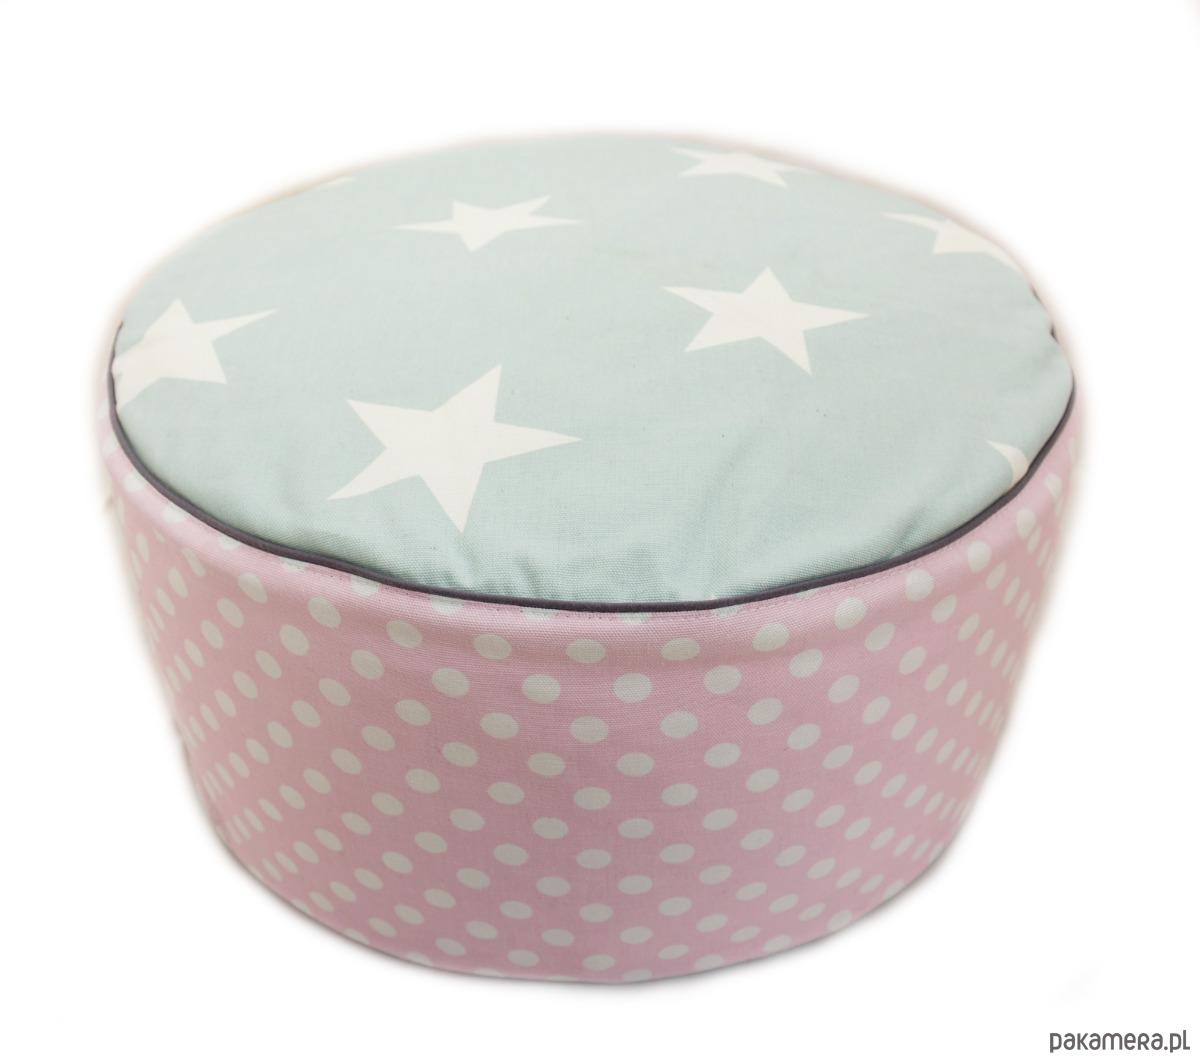 poducha do siedzenia- Pastelove- miętowe gwiazdy - 2037639